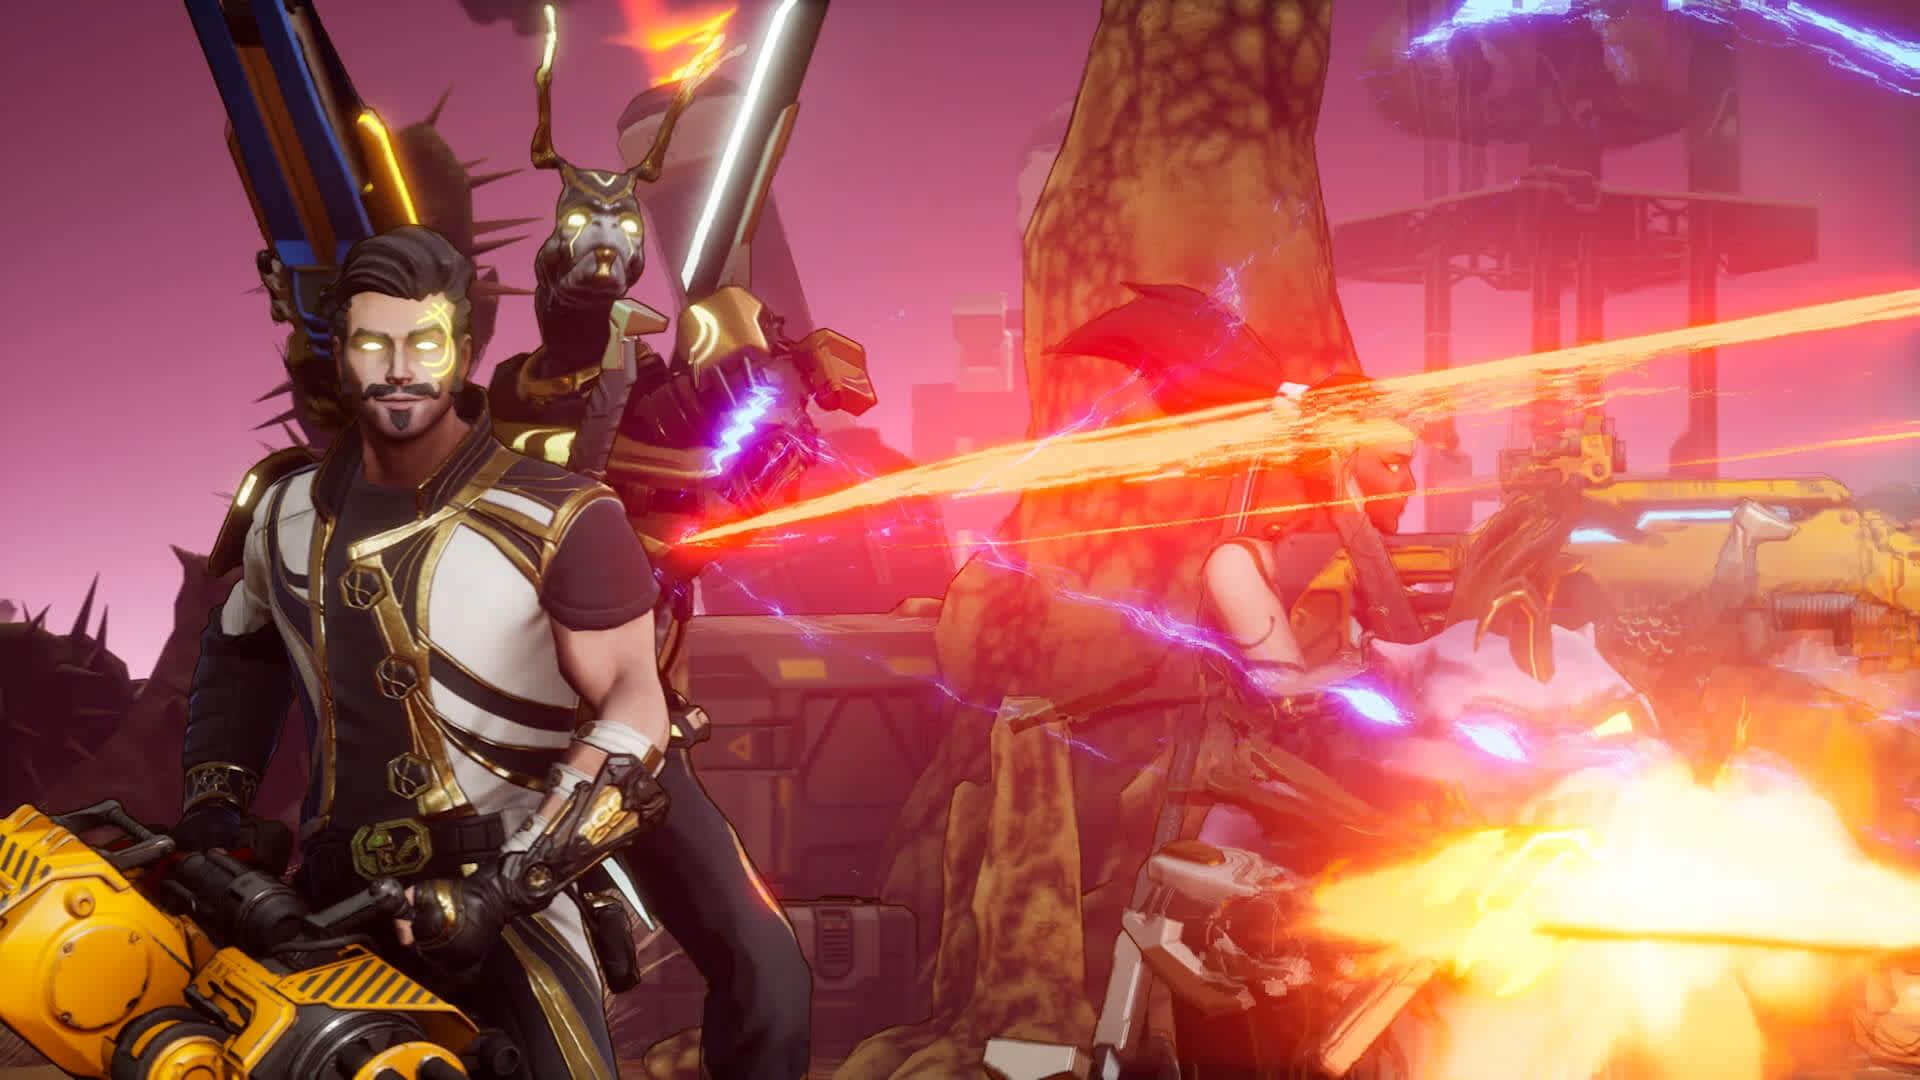 Trailer screenshot of team